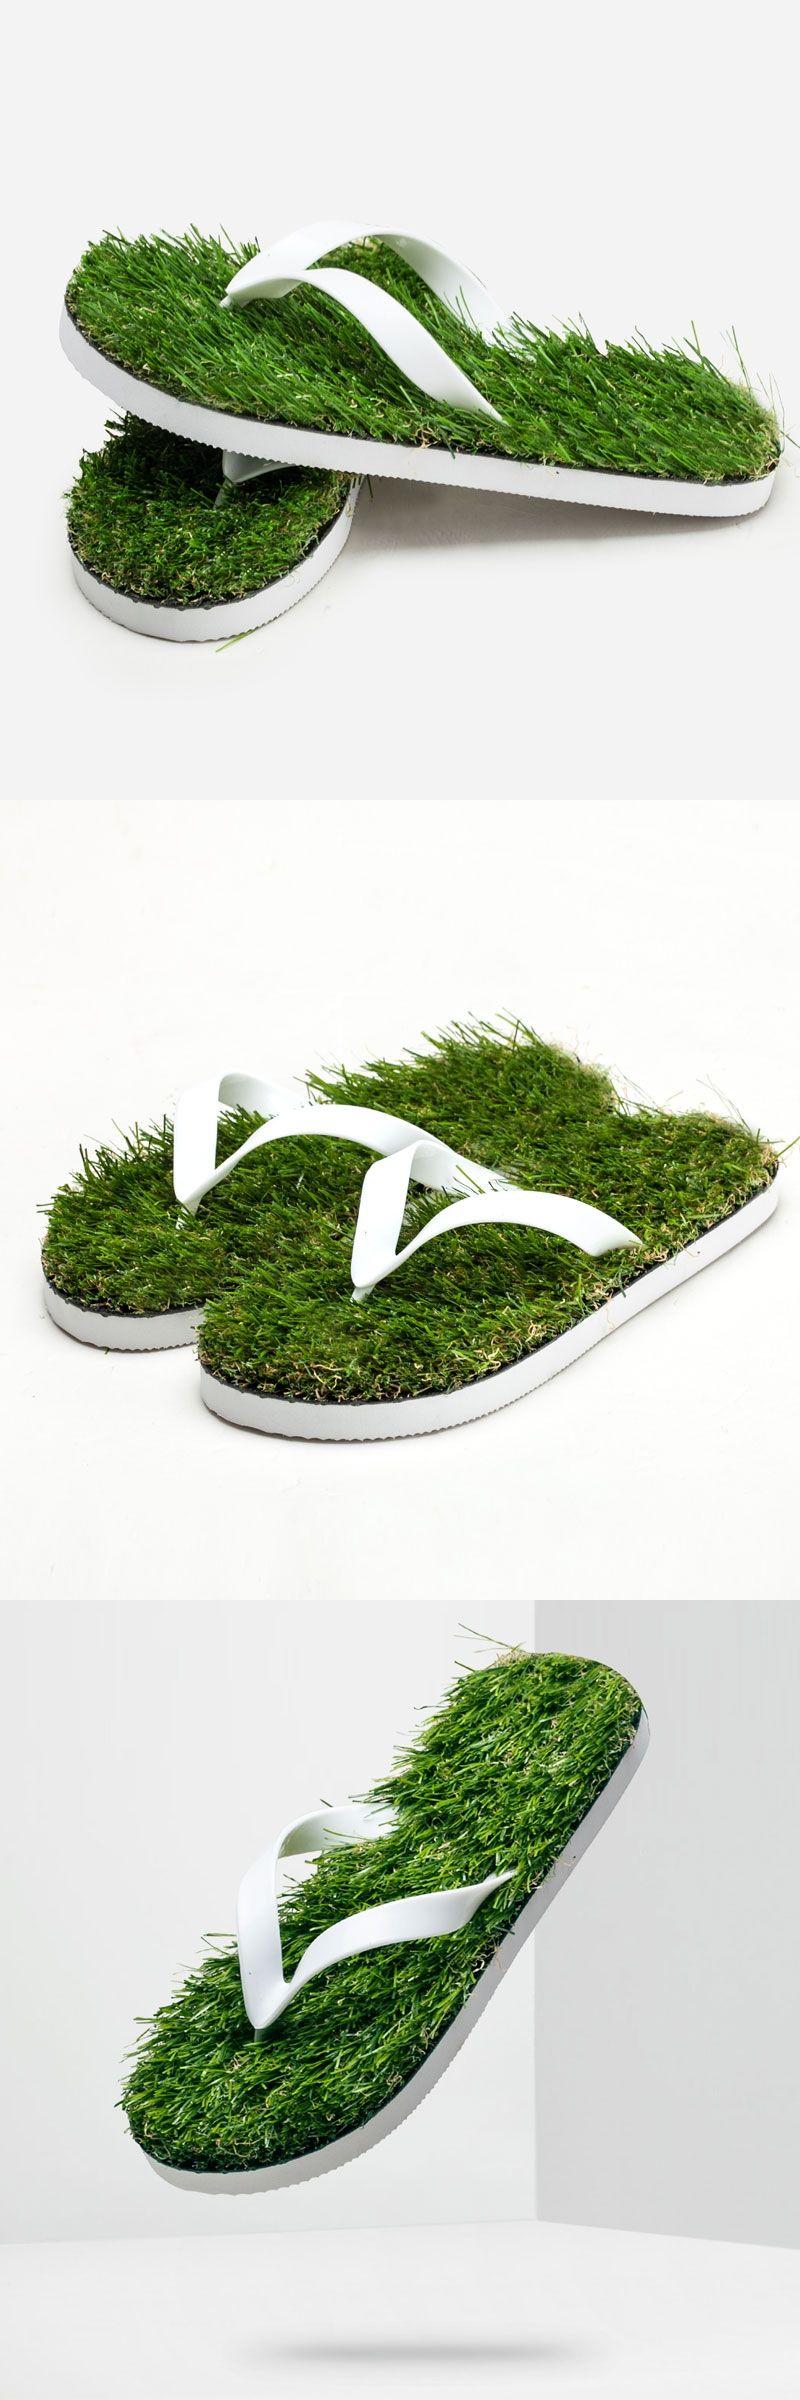 b4992281411 2017 New Men Imitation Grass Flip Flops For Men Summer Beach Flip Flops  Flat Shoe Out Sandals Slipper Women Sandalias Mujer